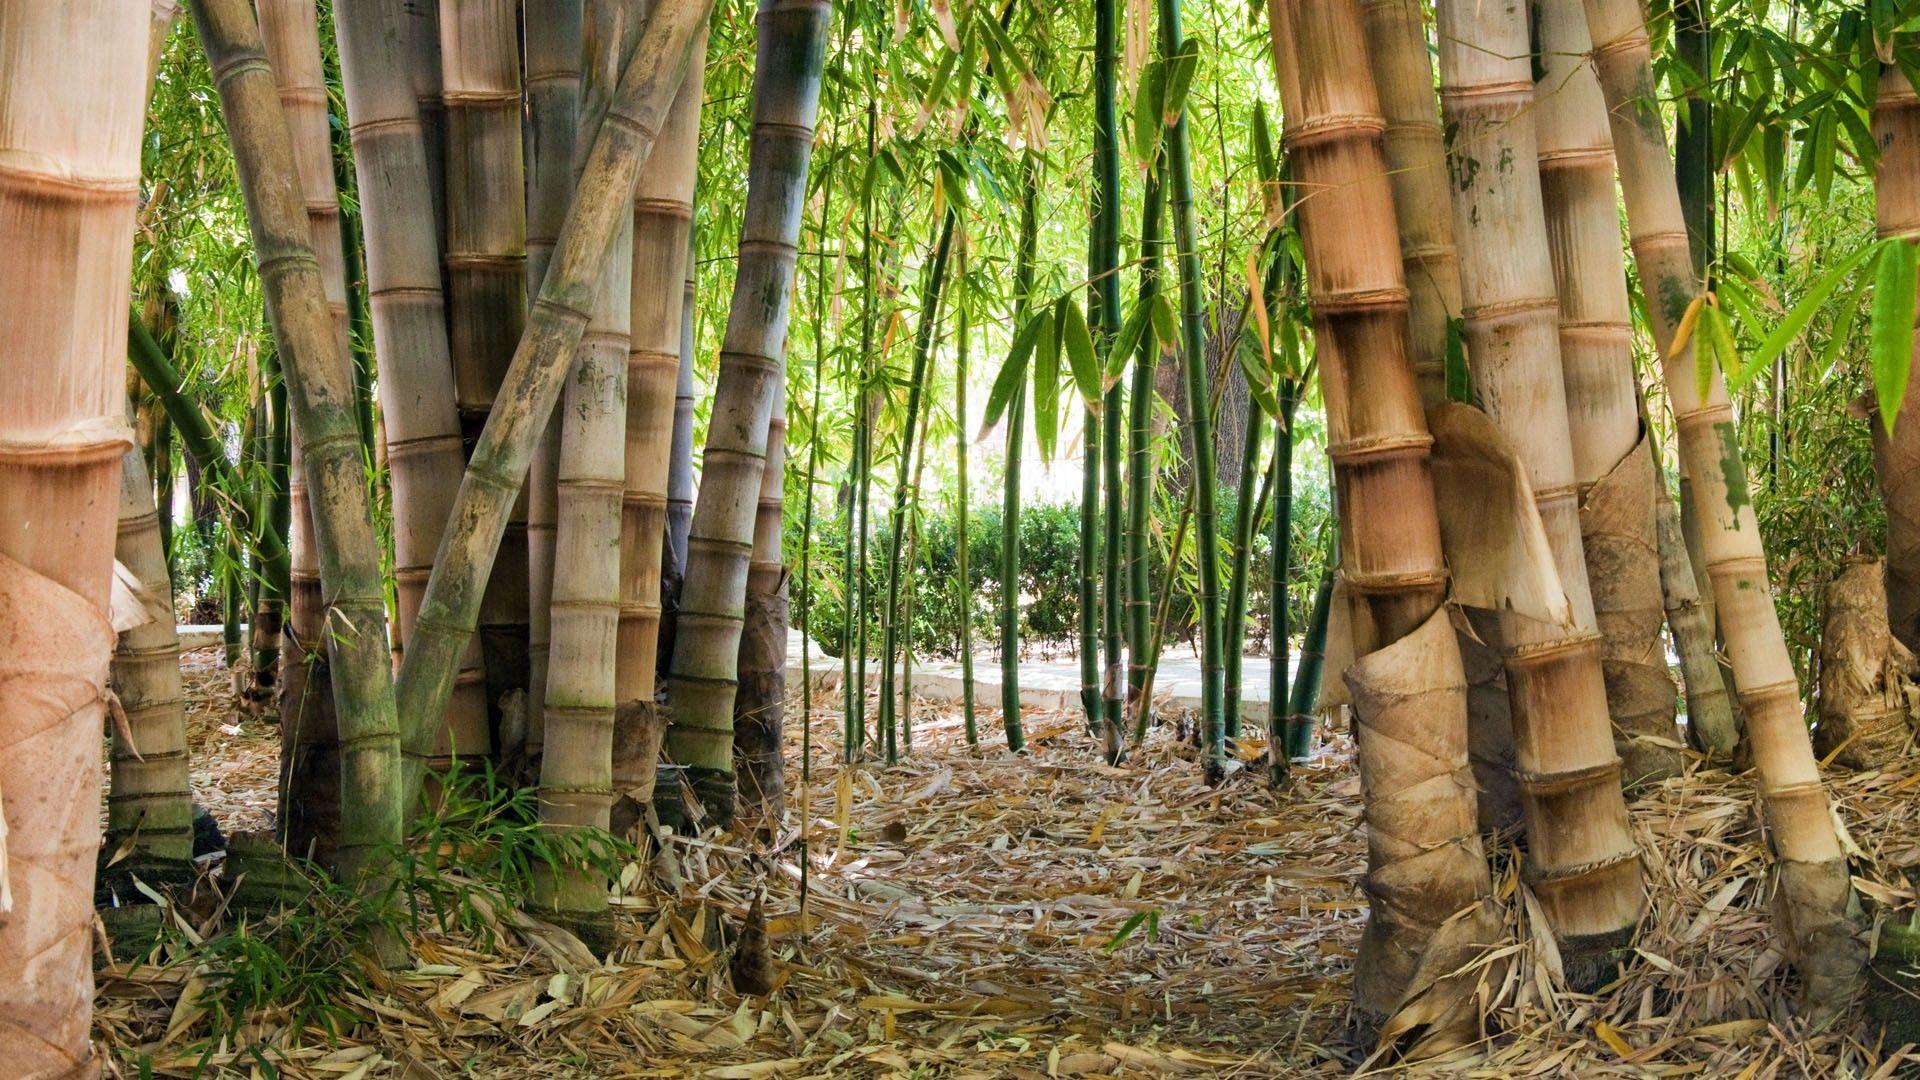 Green 3d Wallpaper Hd Bamboo Forest Hd Wallpaper Pixelstalk Net